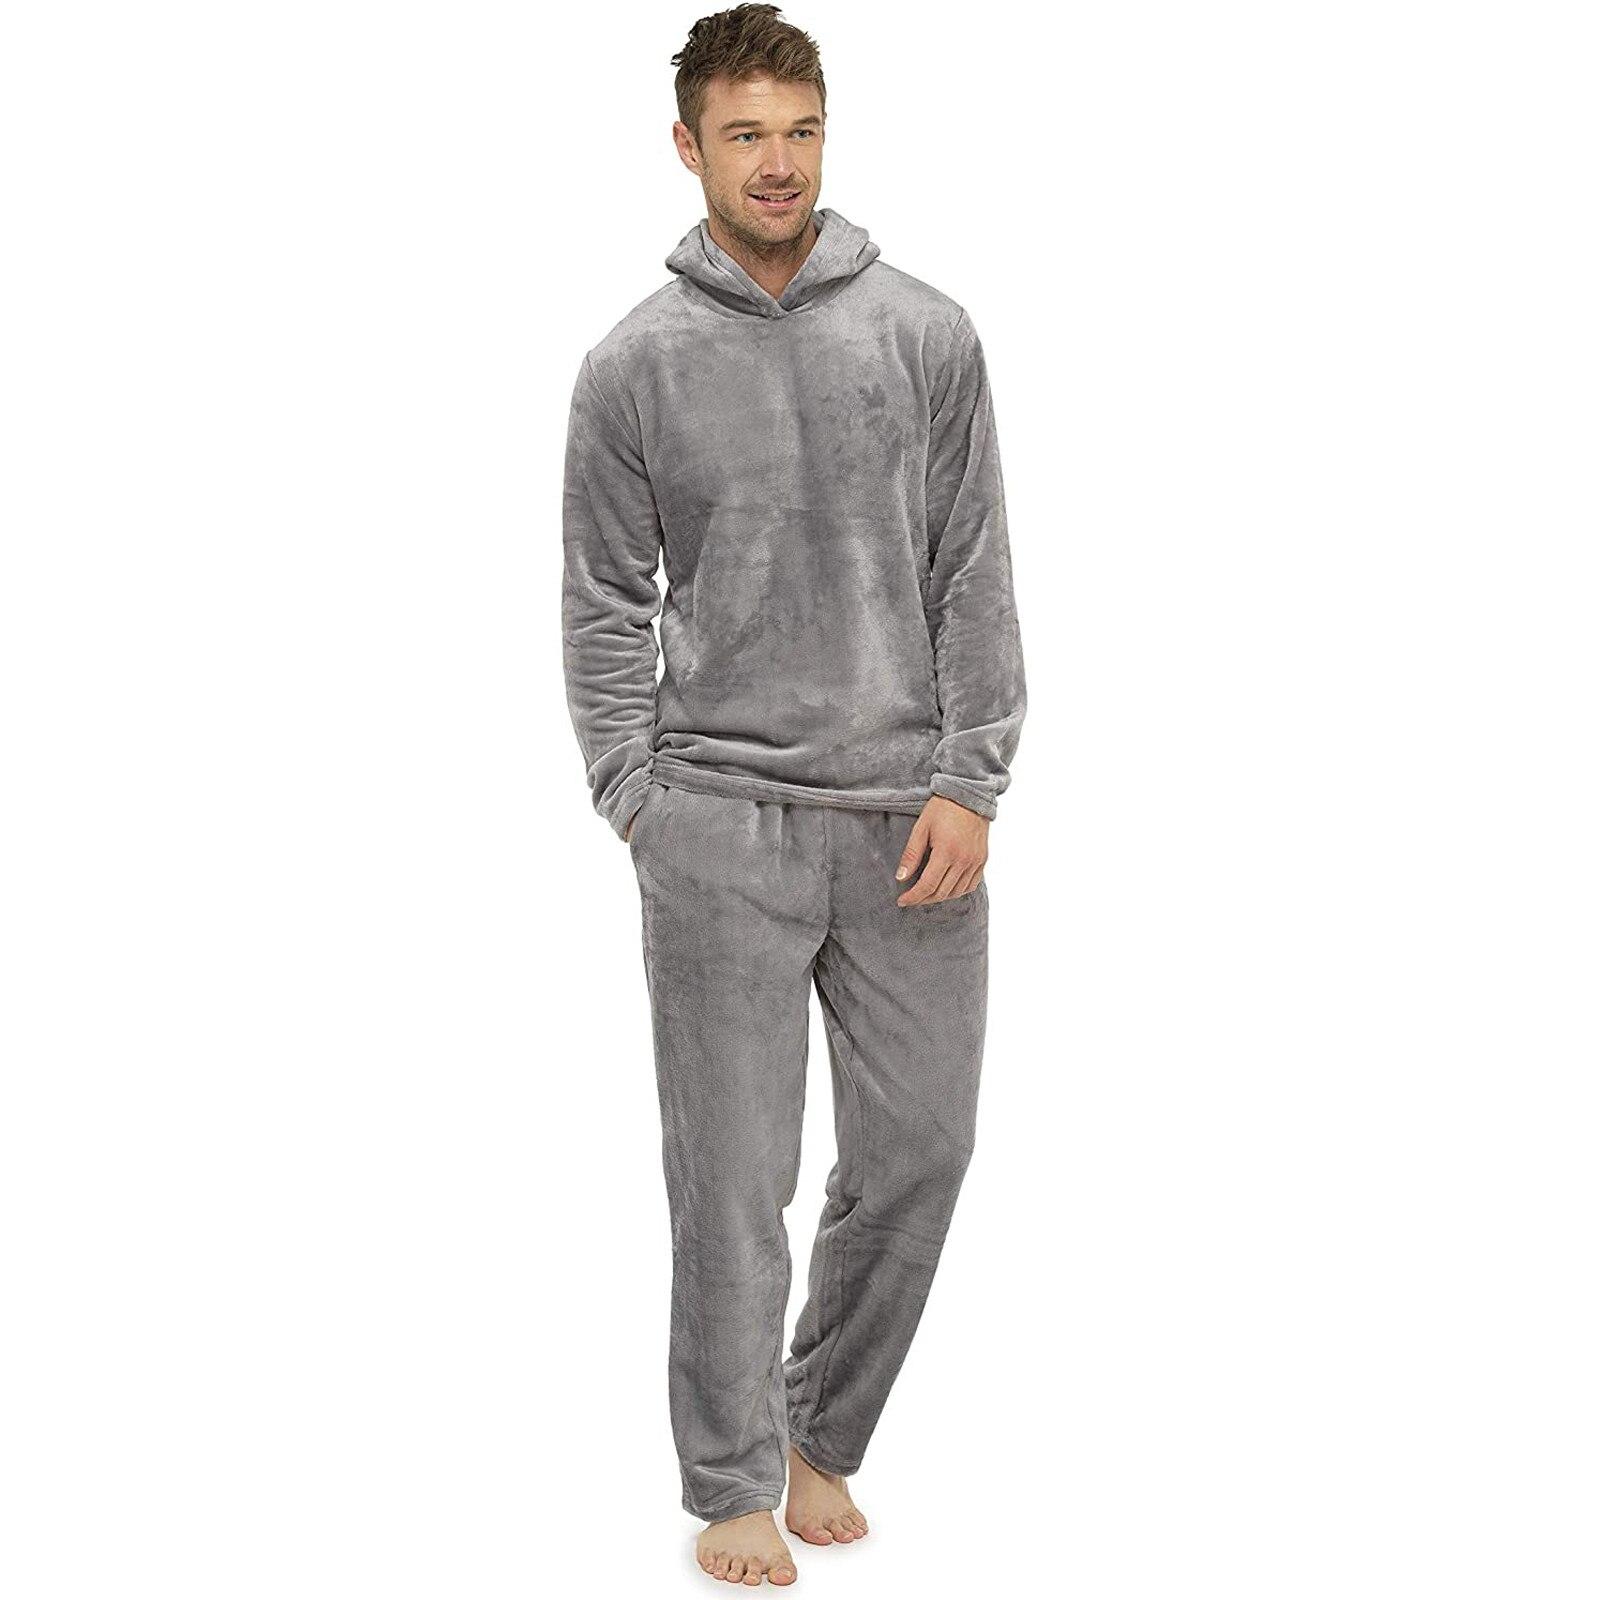 Мужчины теплые однотонные короткие с капюшоном комфорт замша одежда для сна дом Daliy пижамы костюм мужчины длинный рукав домашняя одежда пижама дом одежда +% 2320